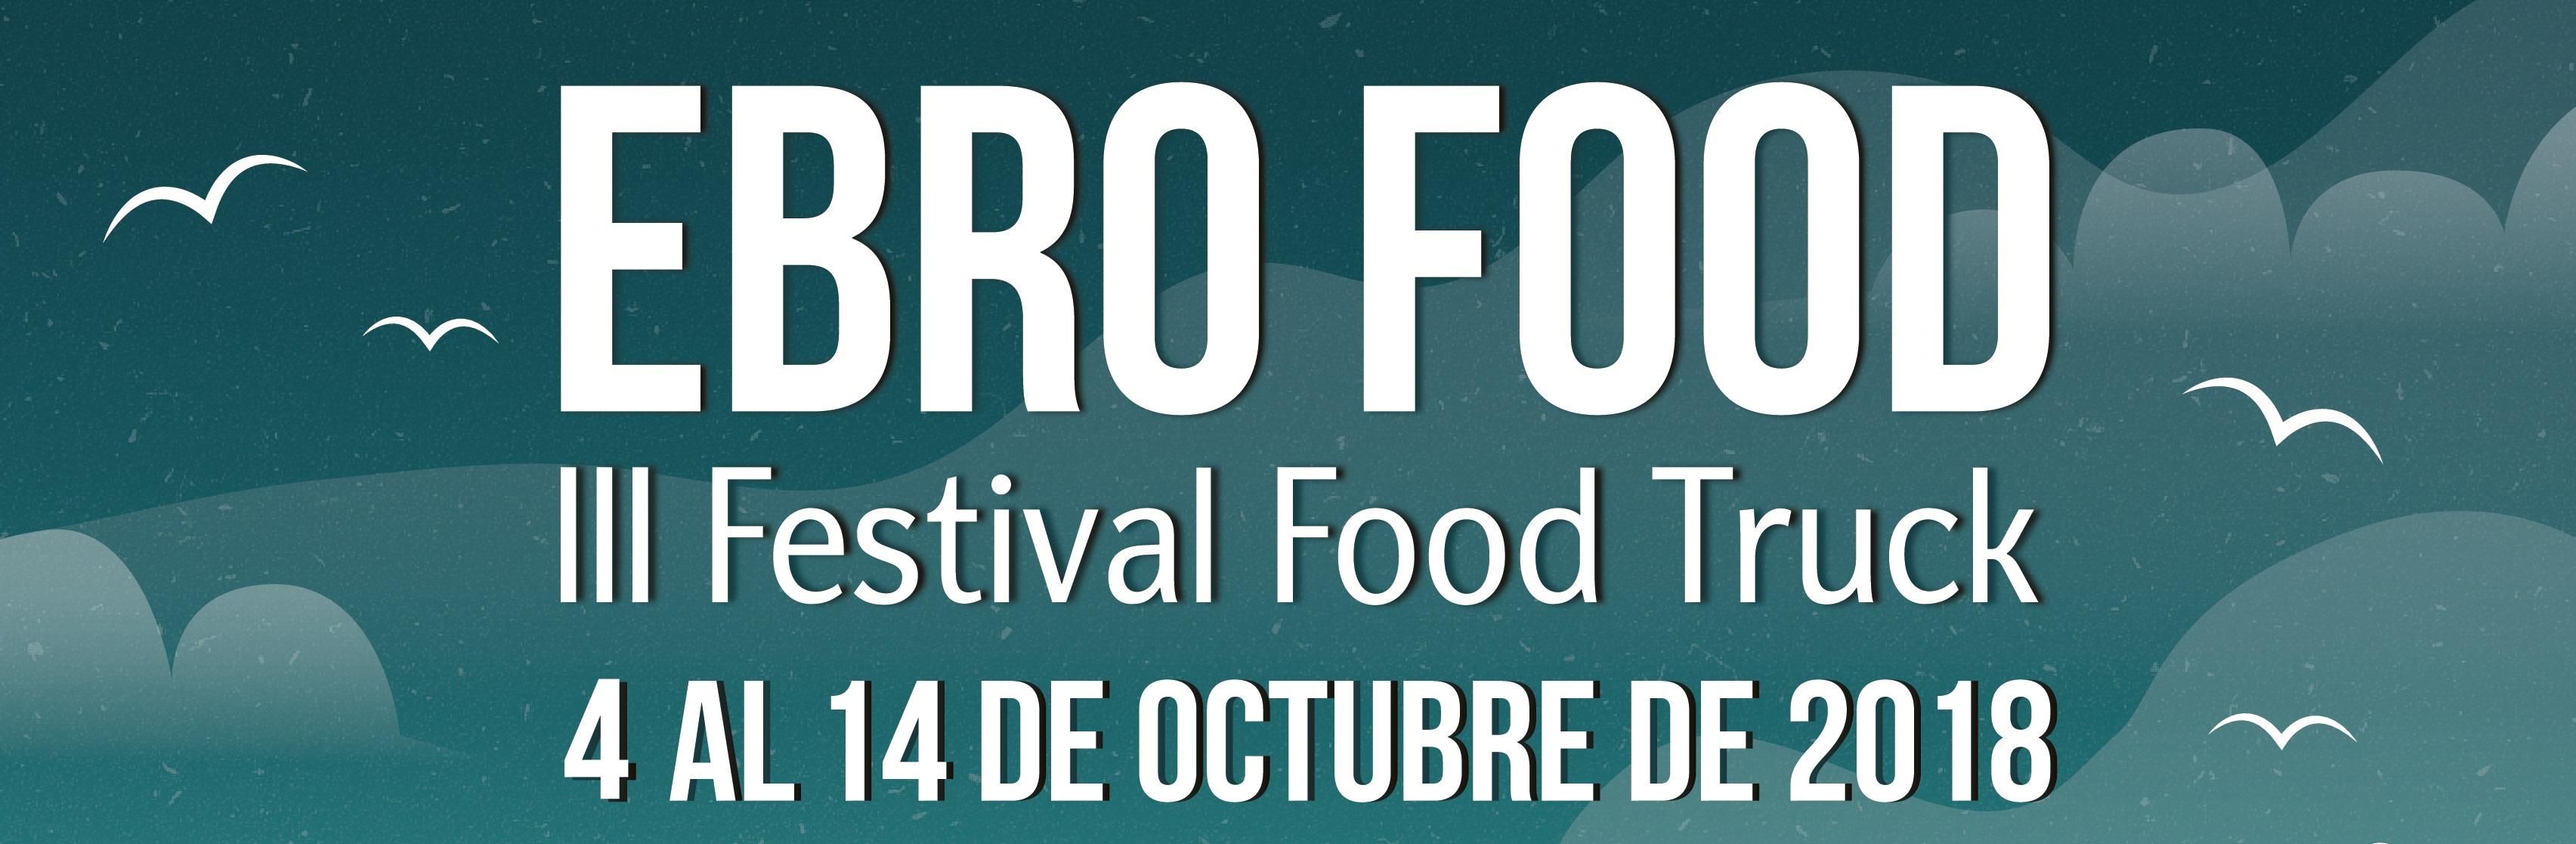 Ebro food